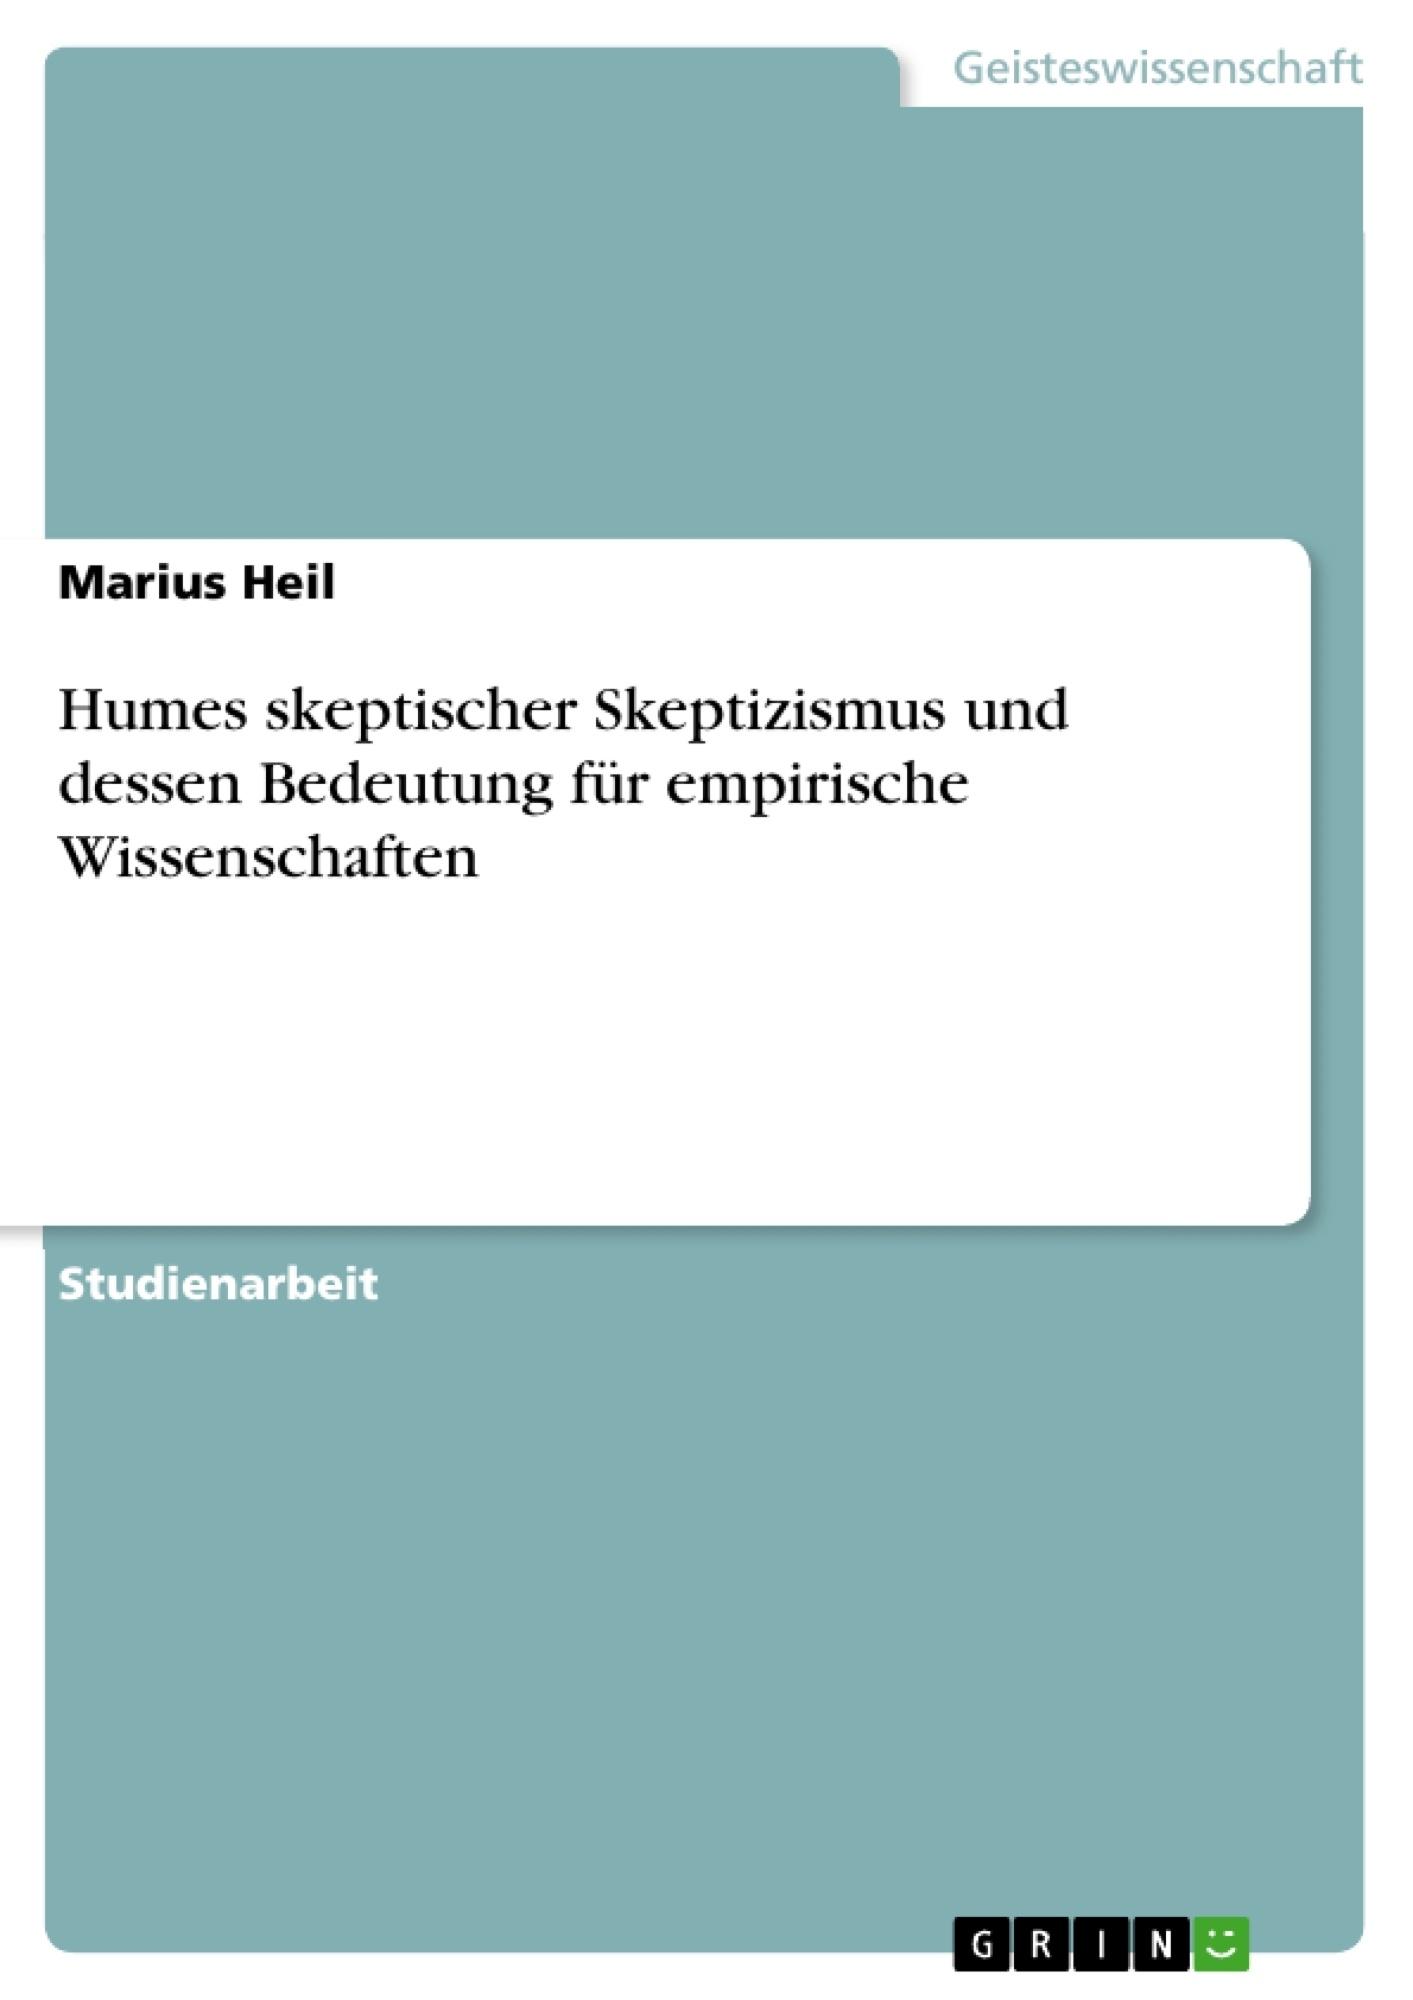 Titel: Humes skeptischer Skeptizismus und dessen Bedeutung für empirische Wissenschaften